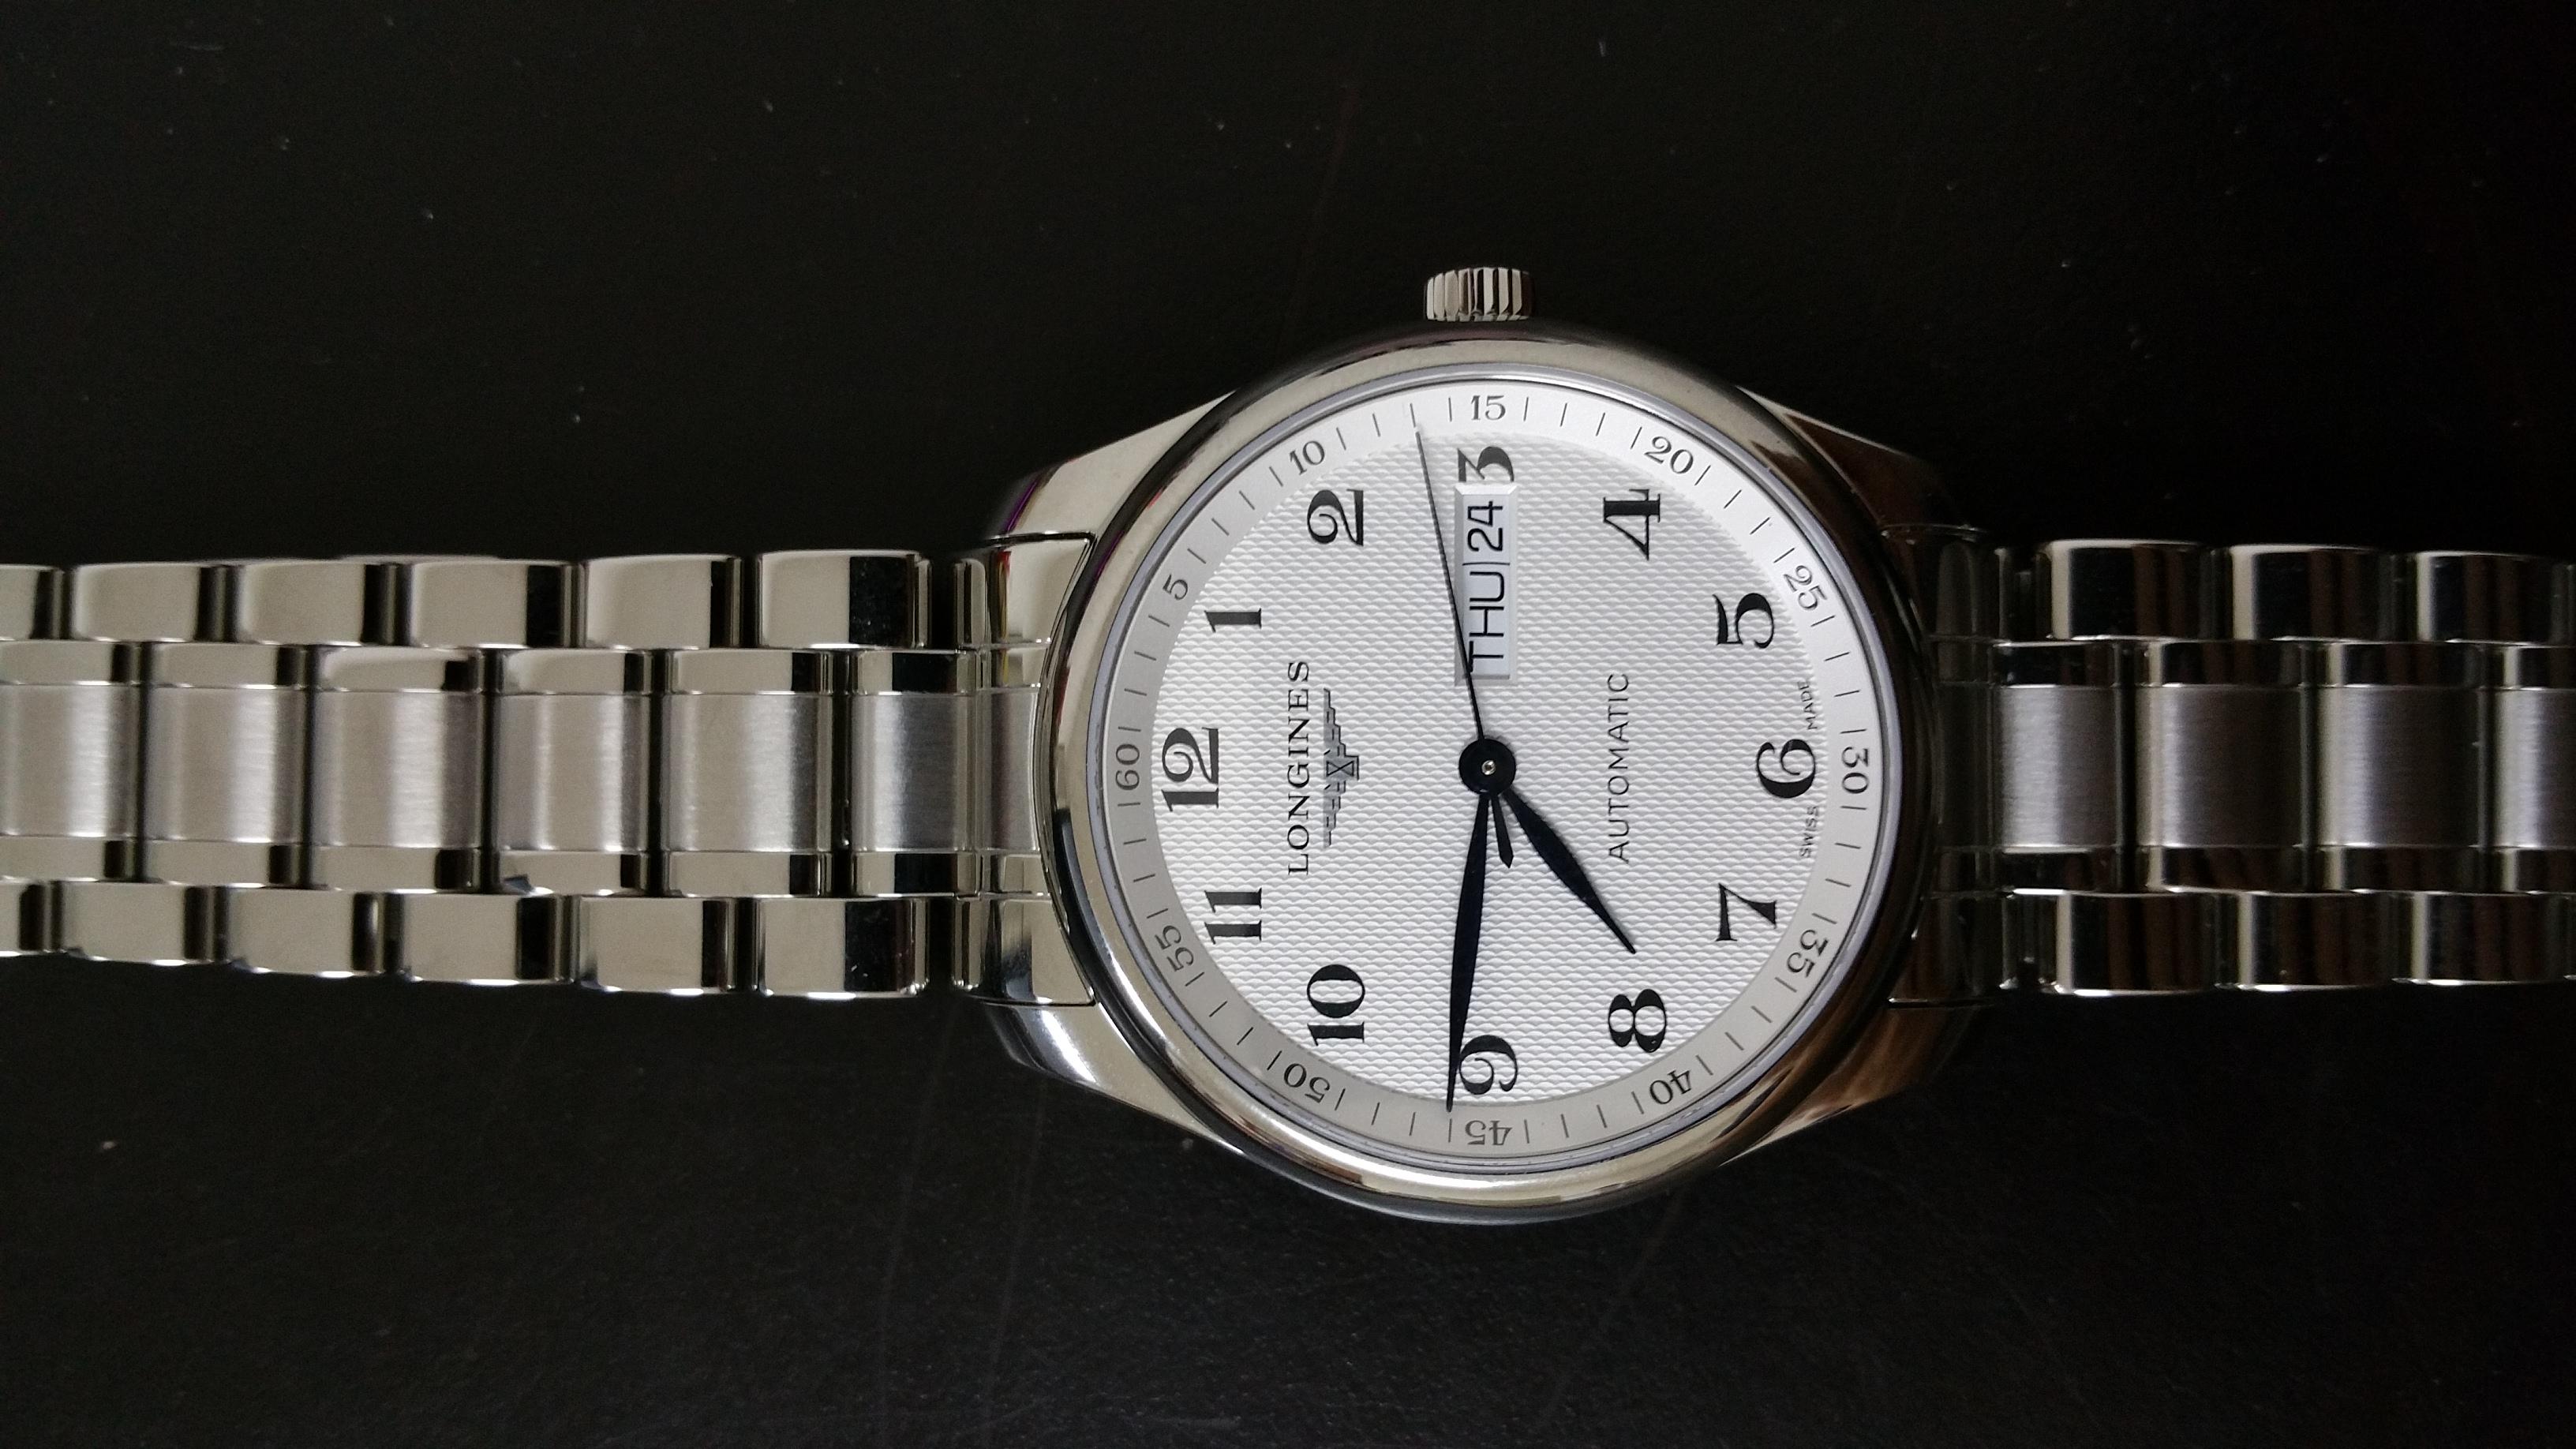 浪琴L2.755.4.78.6手表【表友晒单作业】手表很好,...